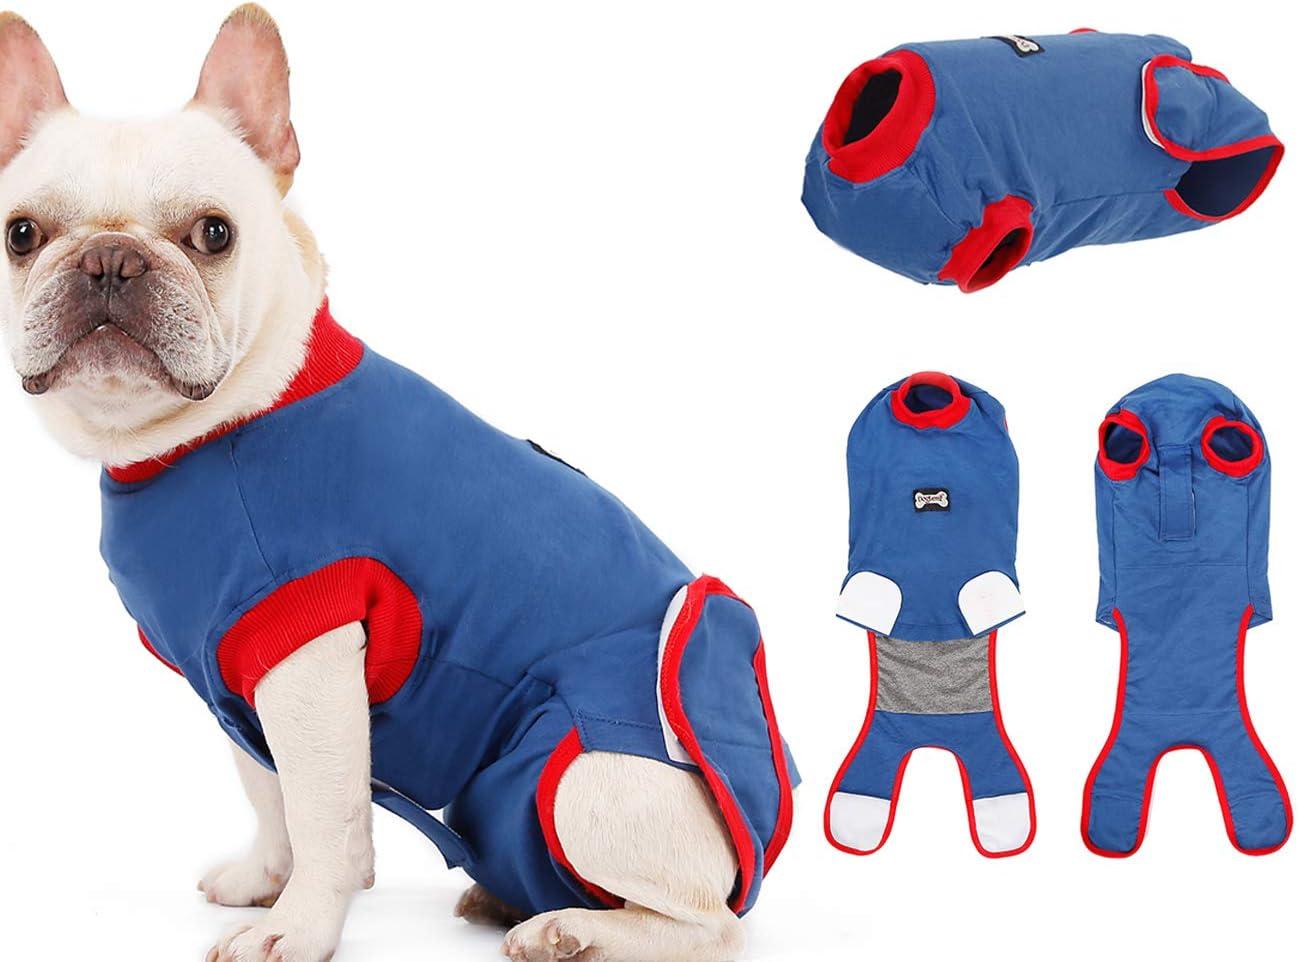 Tineer Dog Recovery Suit - Pure Cotton Alternativa E-Collar de Perro, Proteger Las heridas Cachorro después Desgaste del Animal doméstico Cirugía - Prevenir lamer, morder y Otras Mascotas Acoso (S)